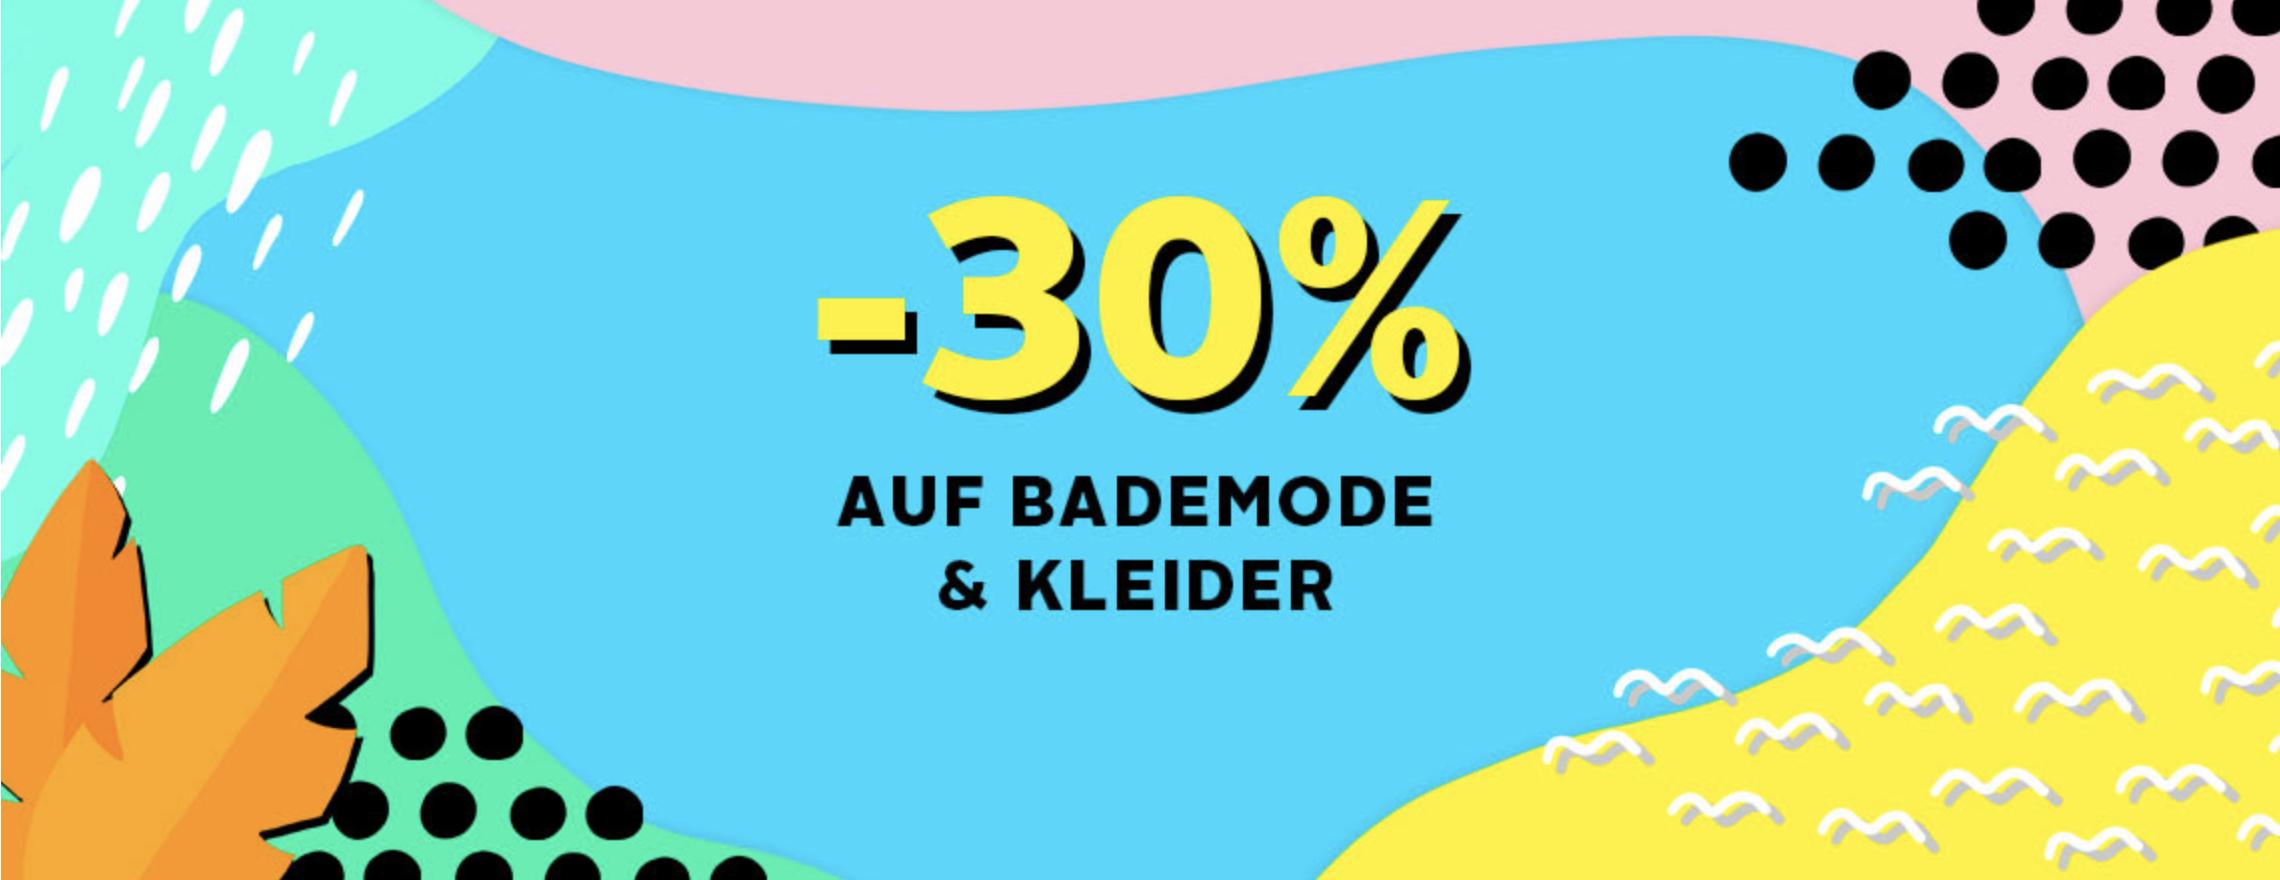 Otto - 30% auf Bademode und Kleider